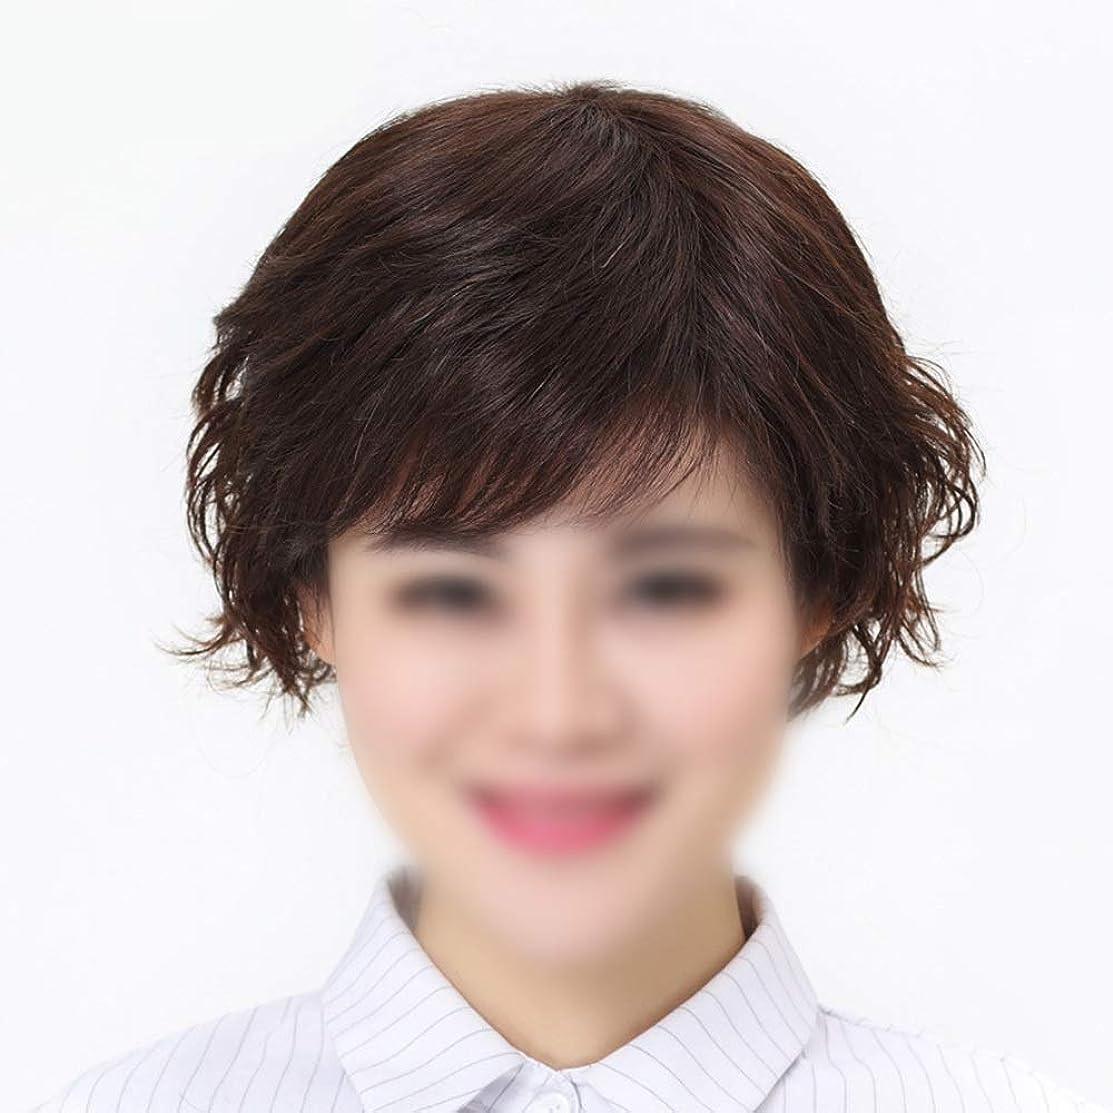 お風呂を持っているヤングブロックするYrattary 本物のバージンの人間の毛髪の前髪付き人間の髪の毛の有名人のかつら女性のファッションかつらの短いスタイリッシュなかつら (Color : Dark brown, サイズ : Hand-woven heart)